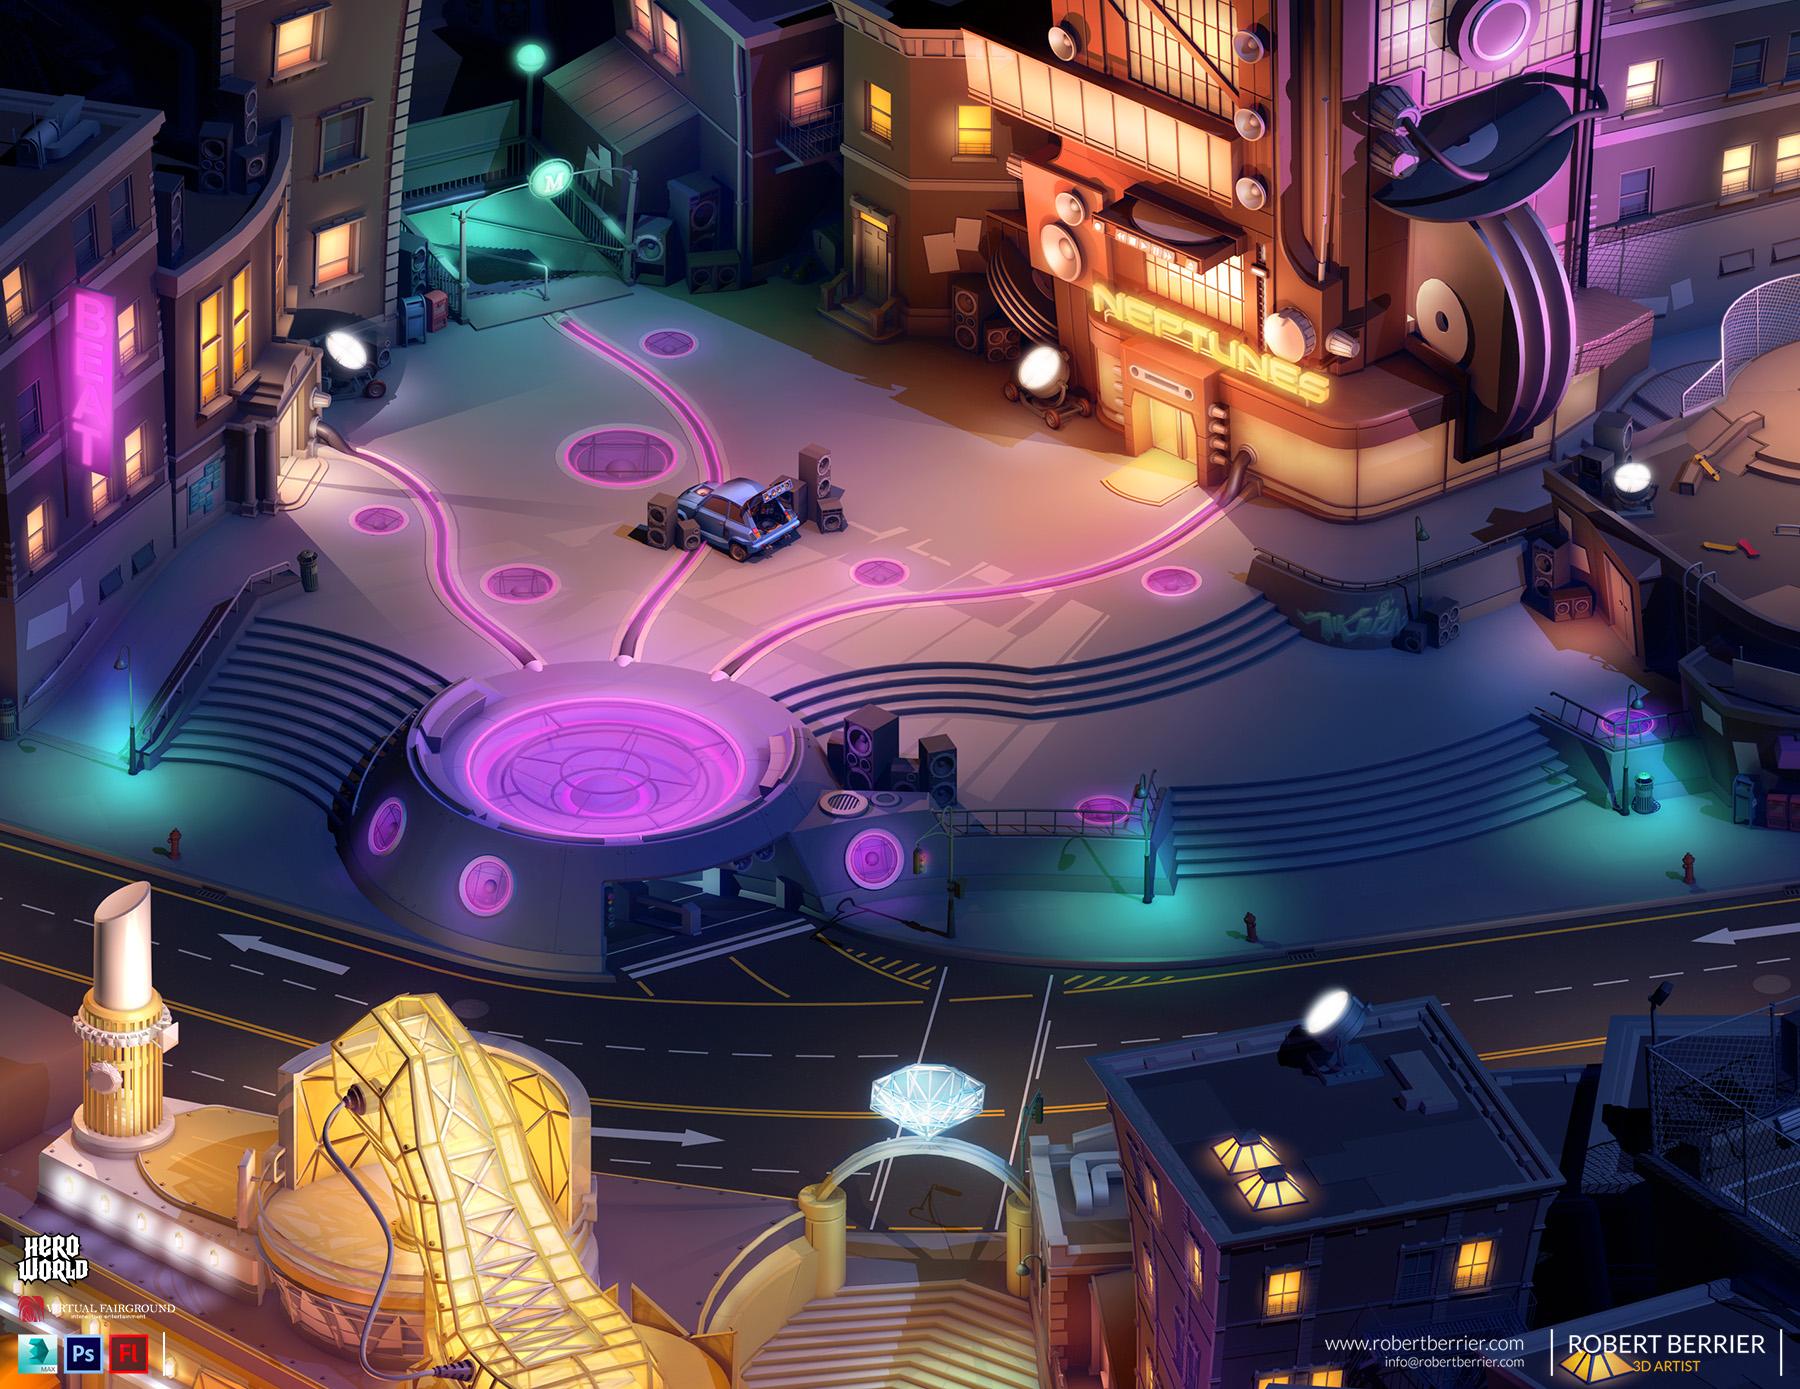 Robert Berrier - Activision - Hero World Beat Plaza